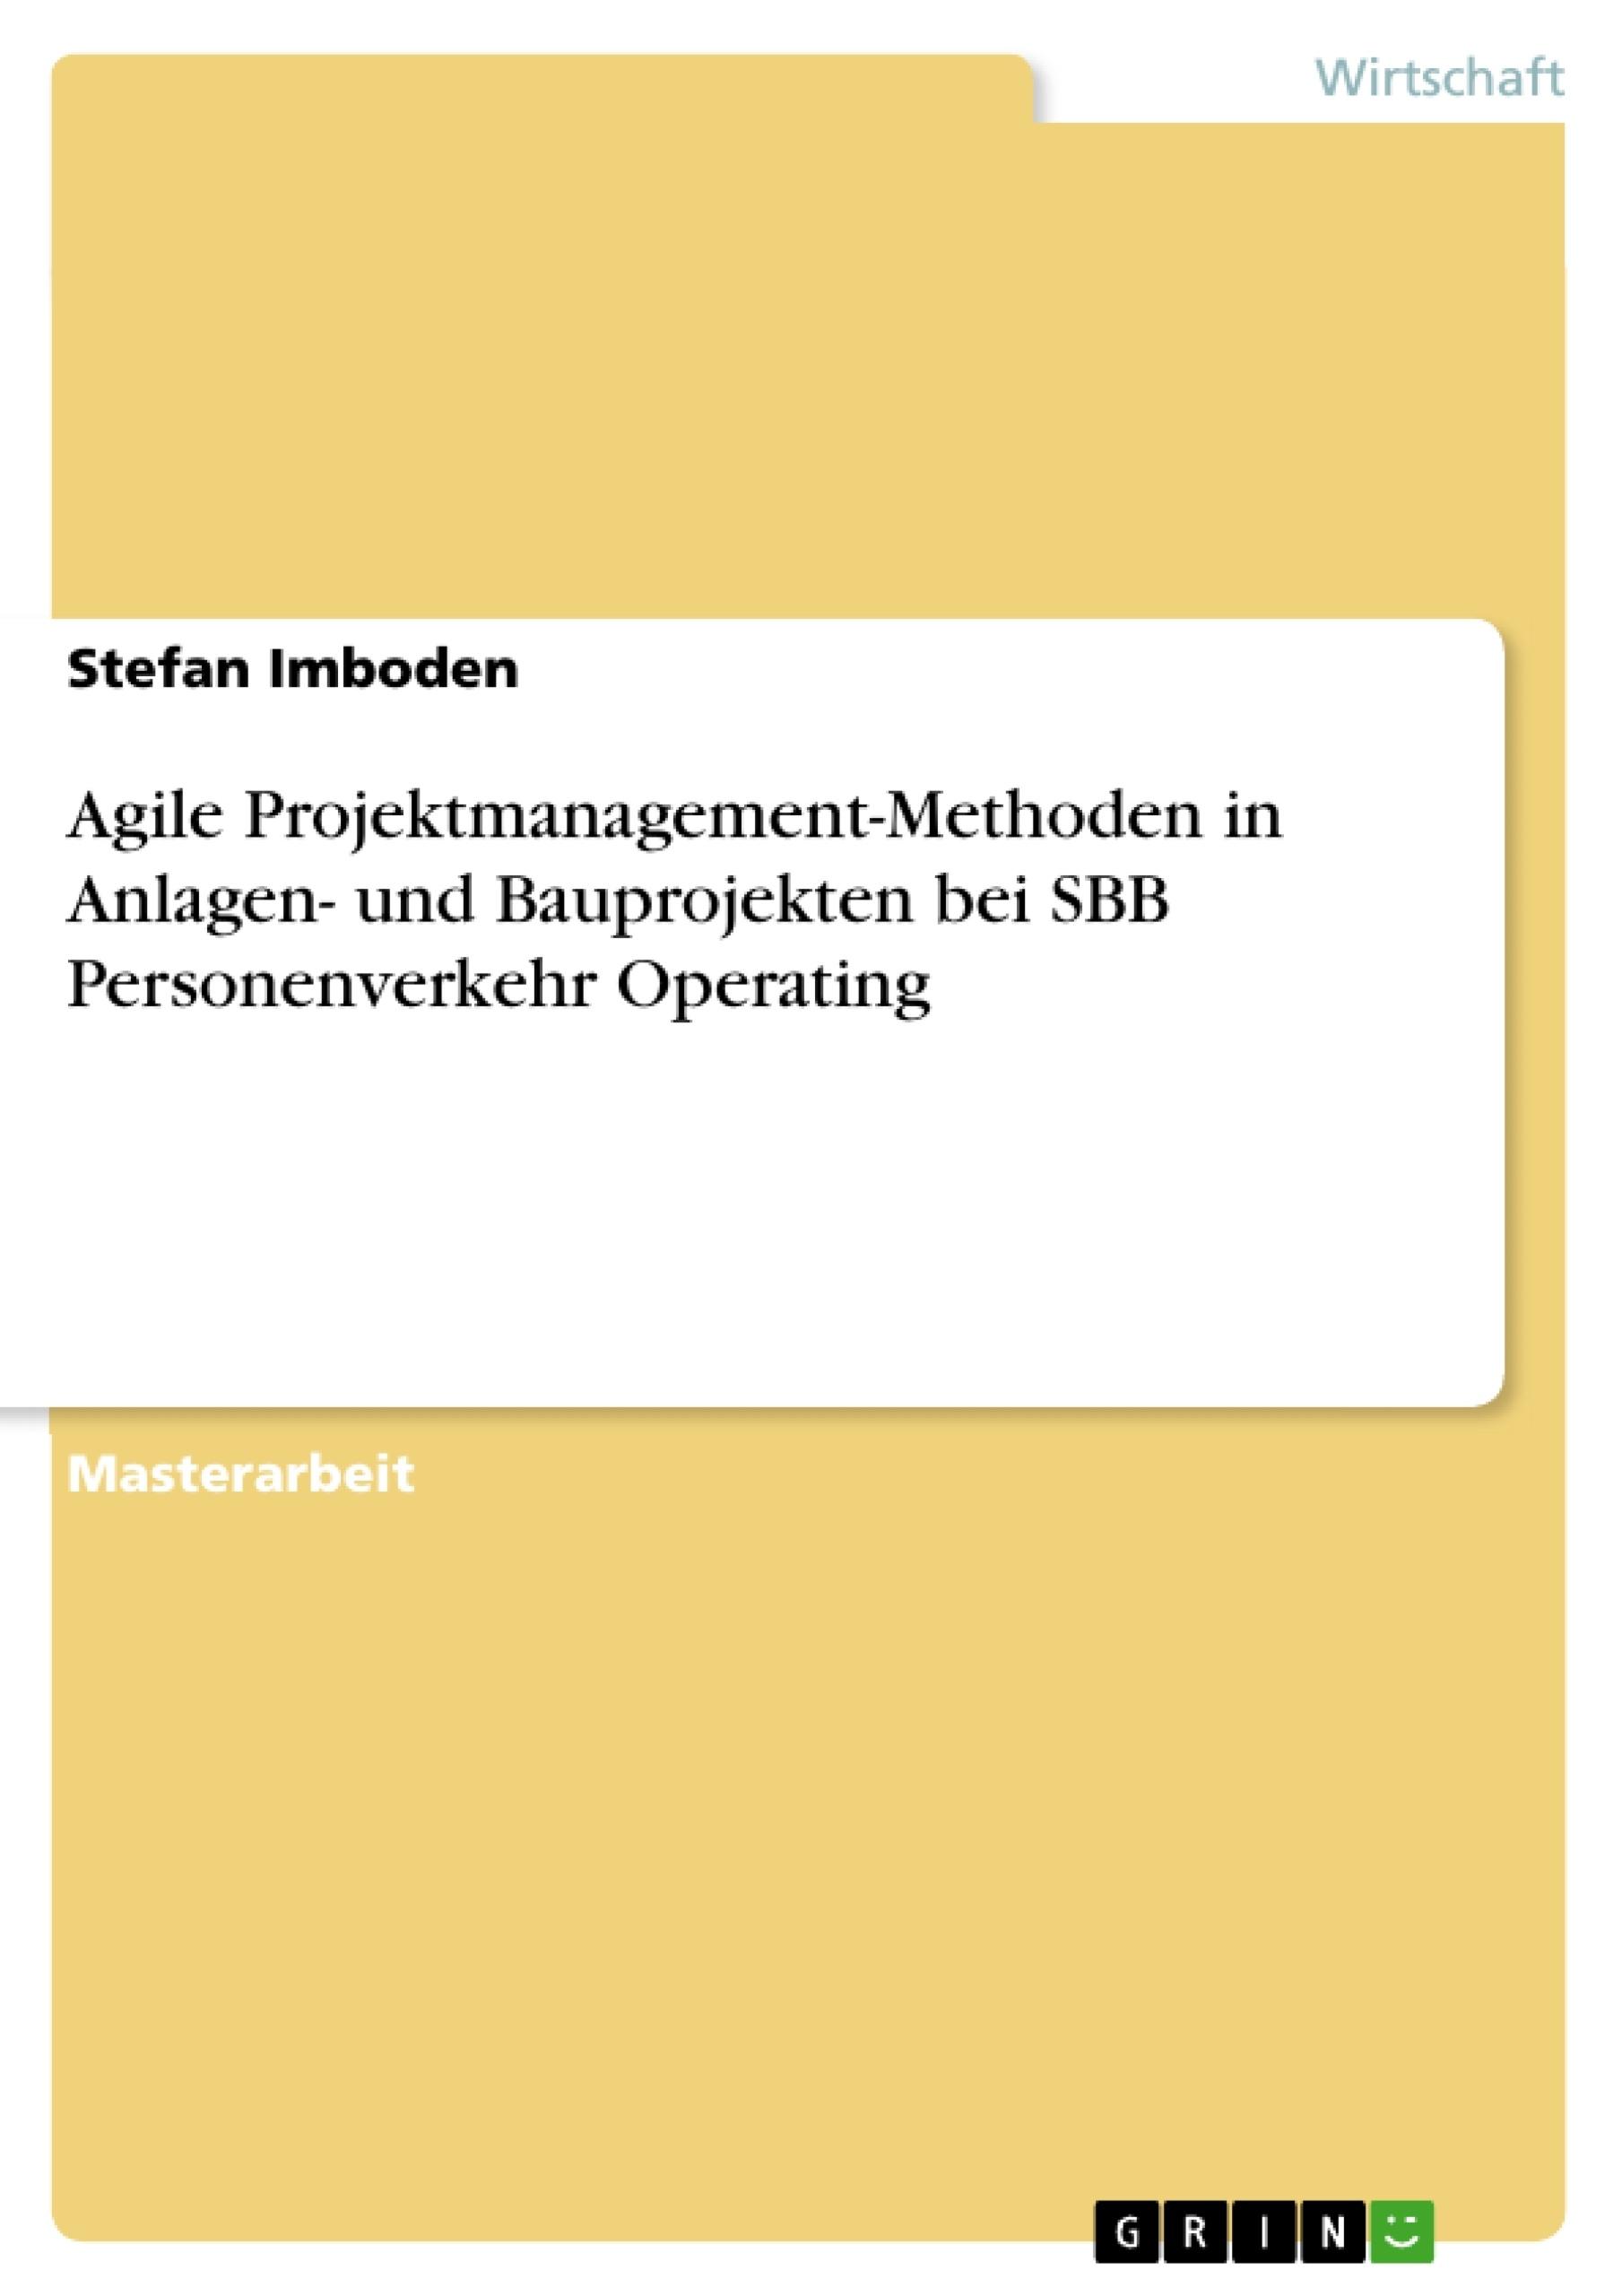 Titel: Agile Projektmanagement-Methoden in Anlagen- und Bauprojekten bei SBB Personenverkehr Operating